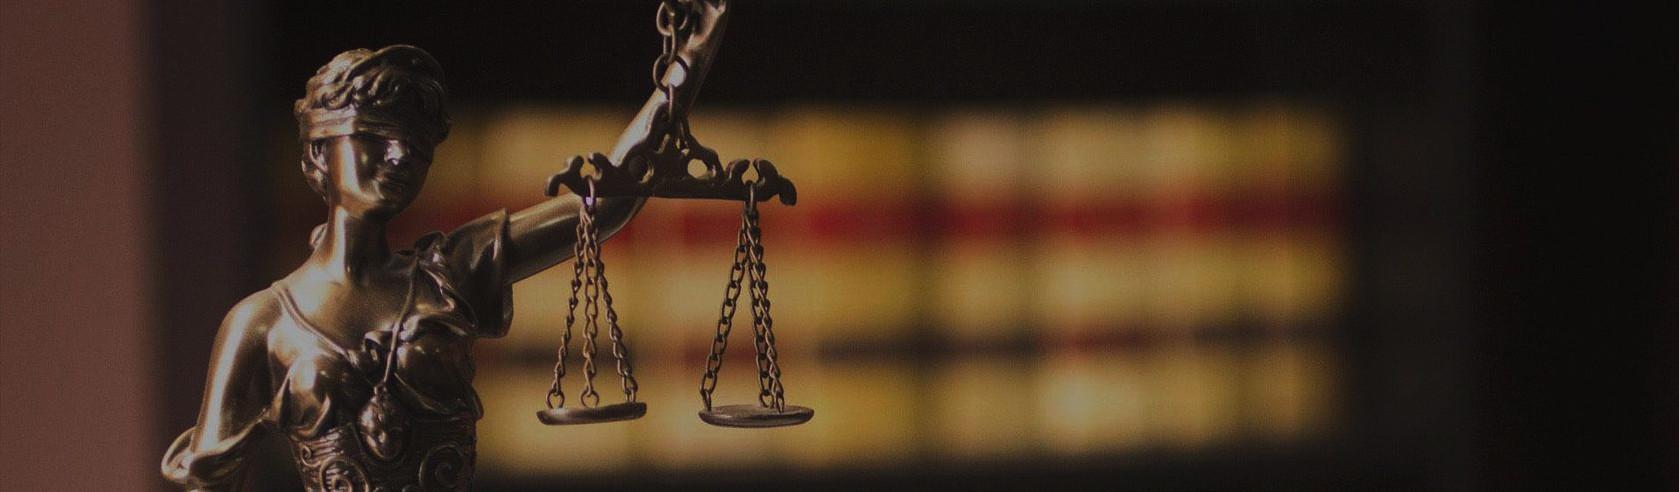 семейная юридическая помощь консультация